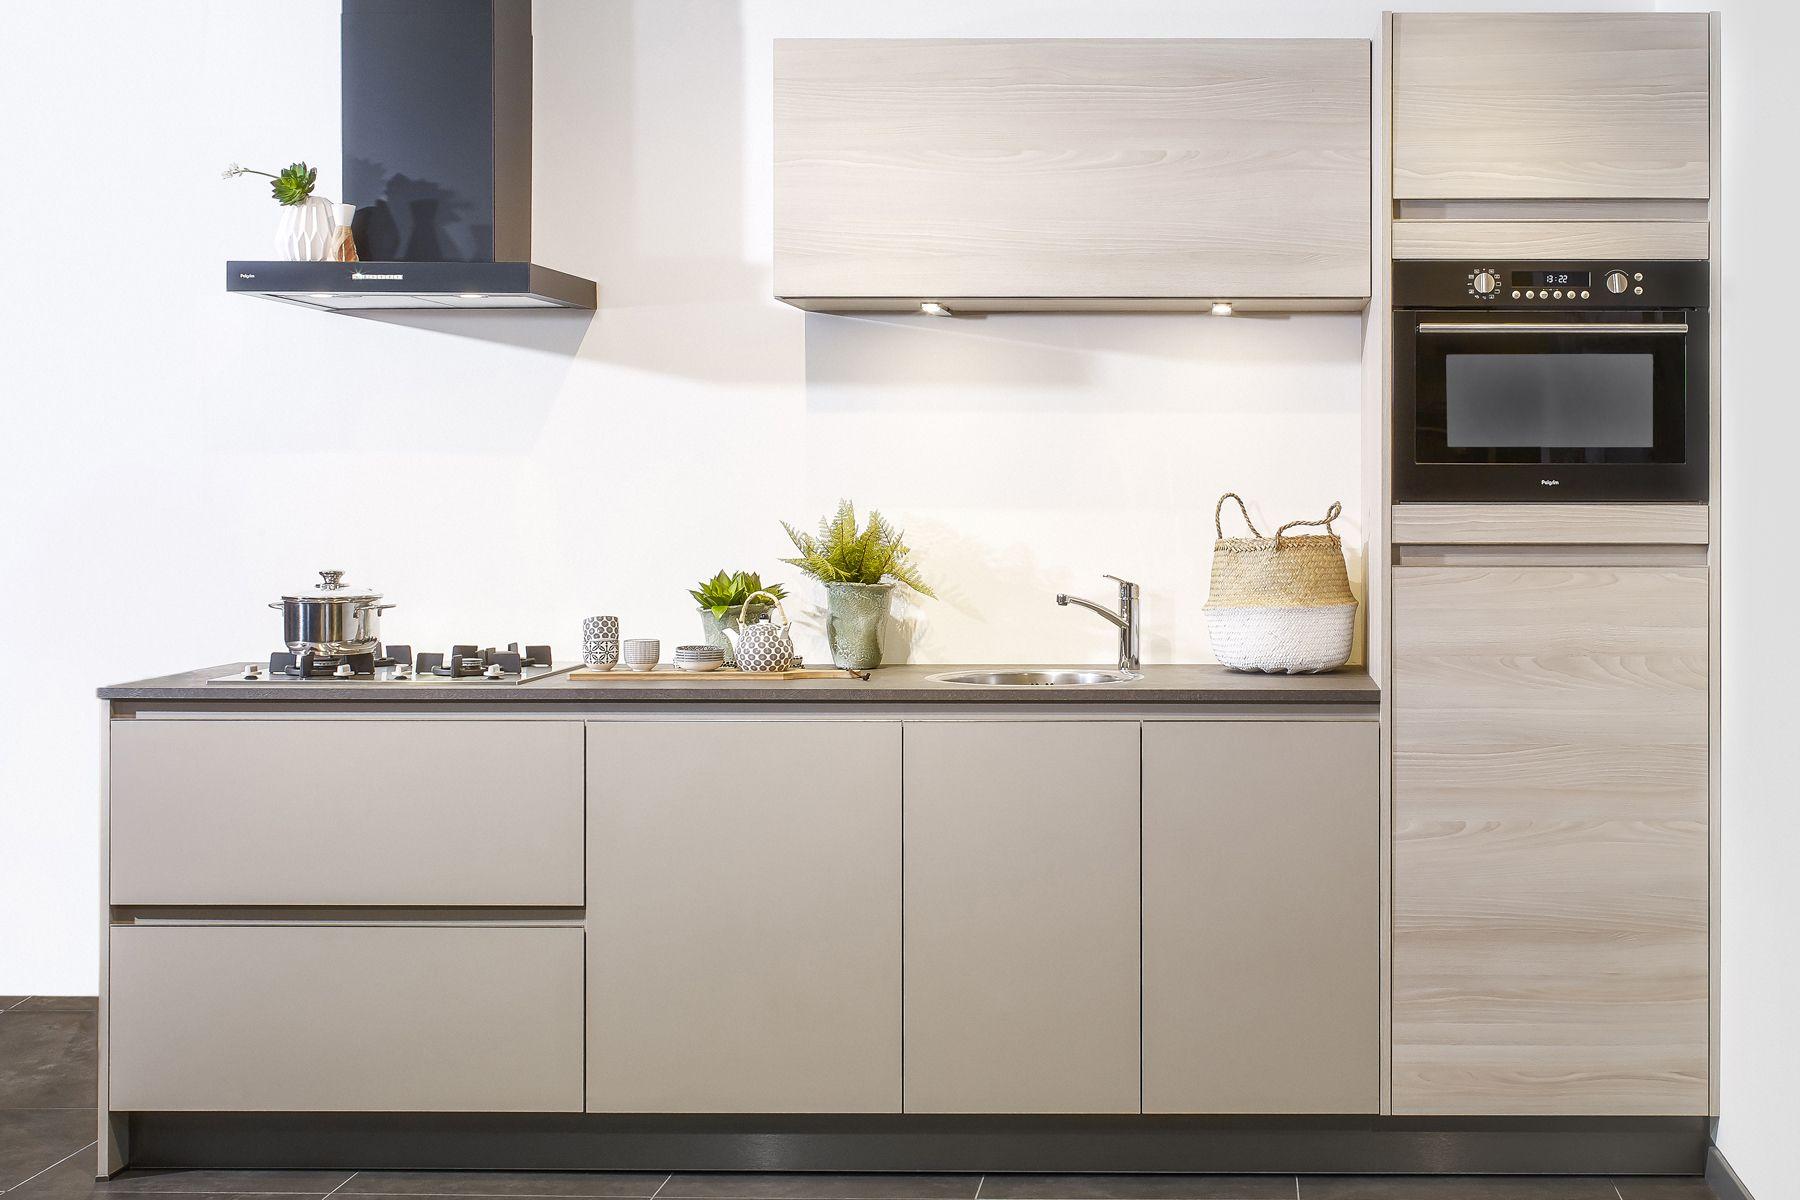 Goedkope Rechte Keukens : Kleine rechte keuken met greeploos front in houtlook goedkope